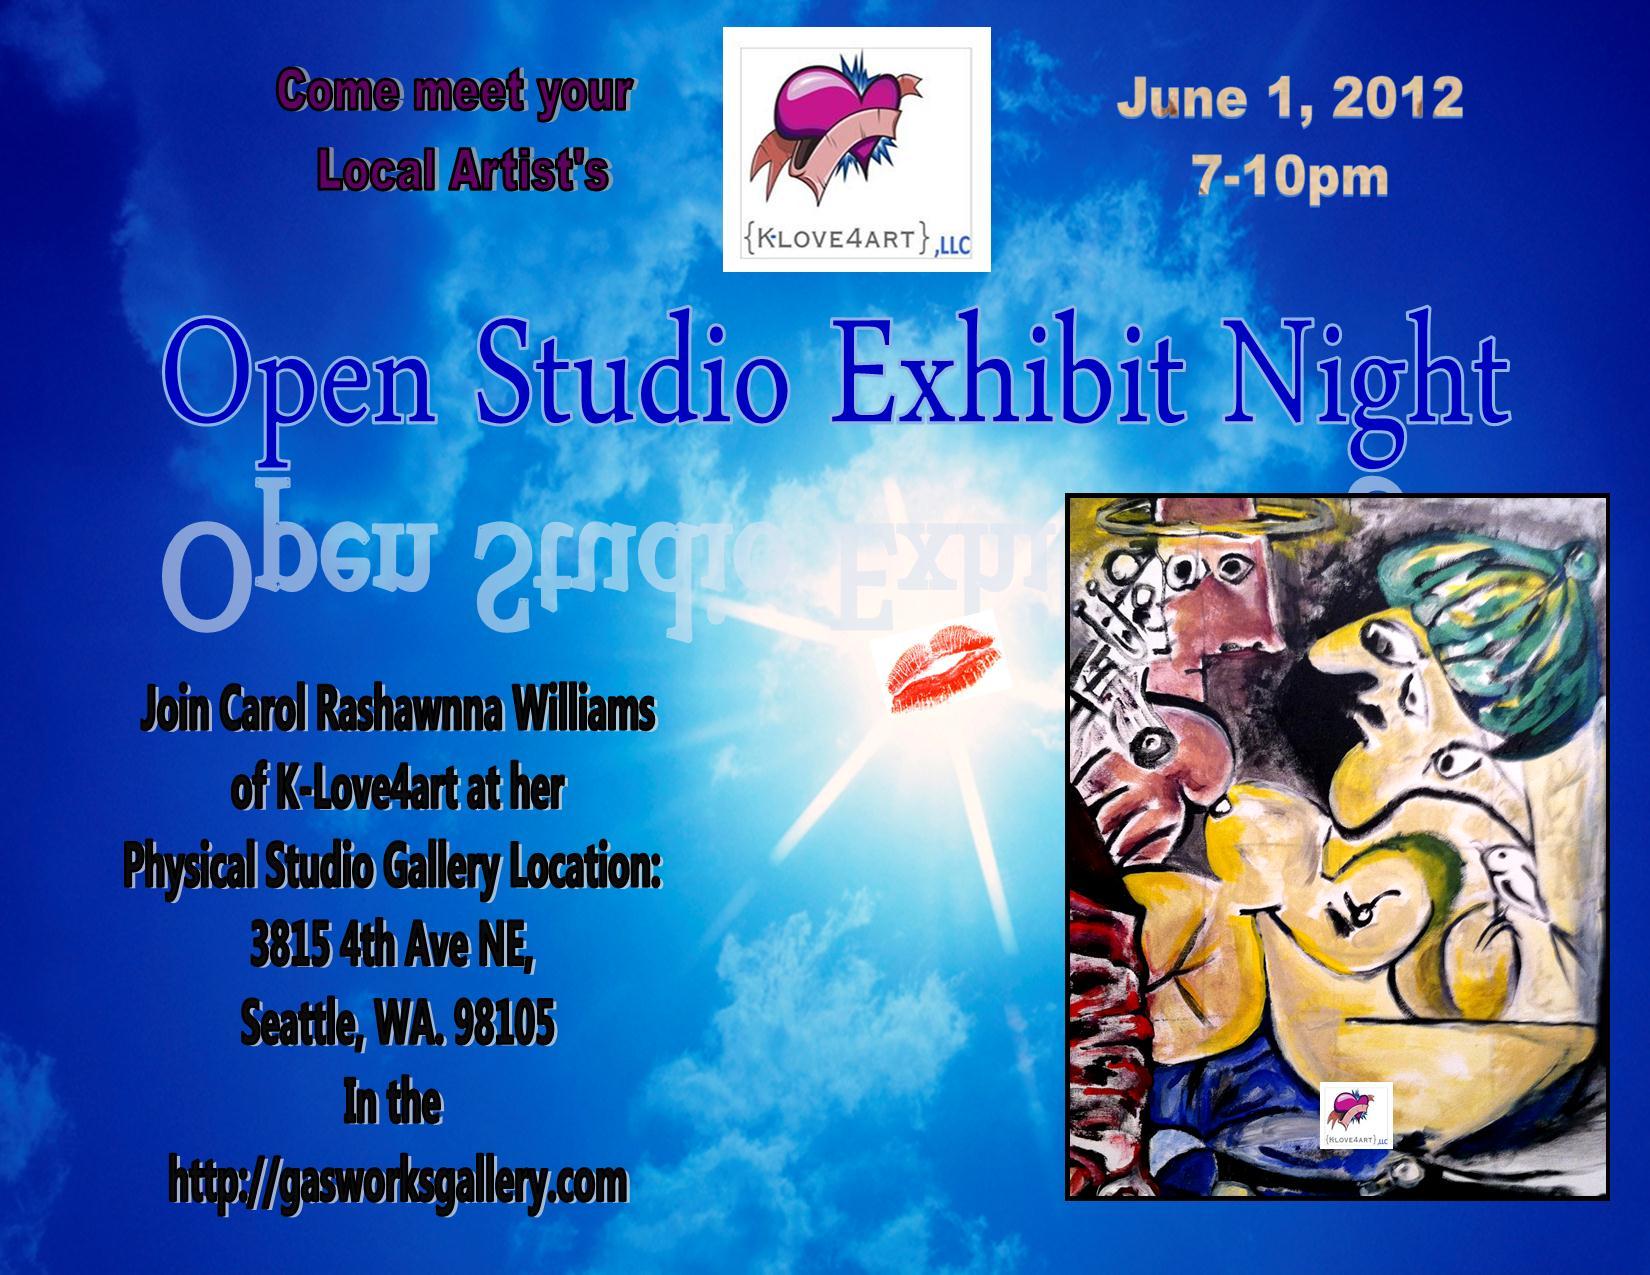 2012 June 1 Studio Opening